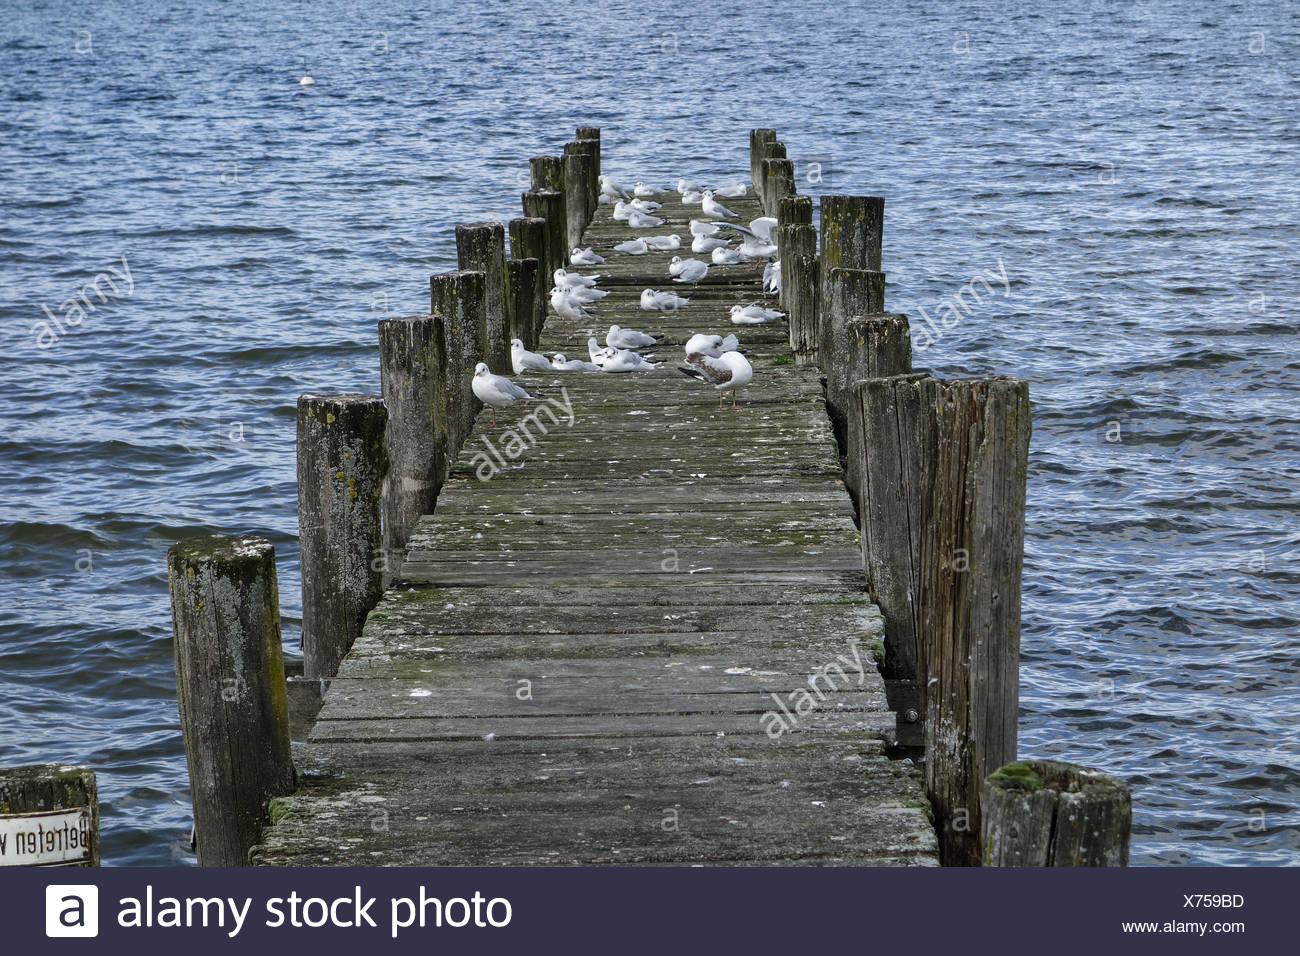 Möven sitzen auf einem Holzsteg im See, Gulls sit on a wooden pier at a lake, Gull, Gulls, Dock, Pier, Wooden, Lake, Water Birds - Stock Image